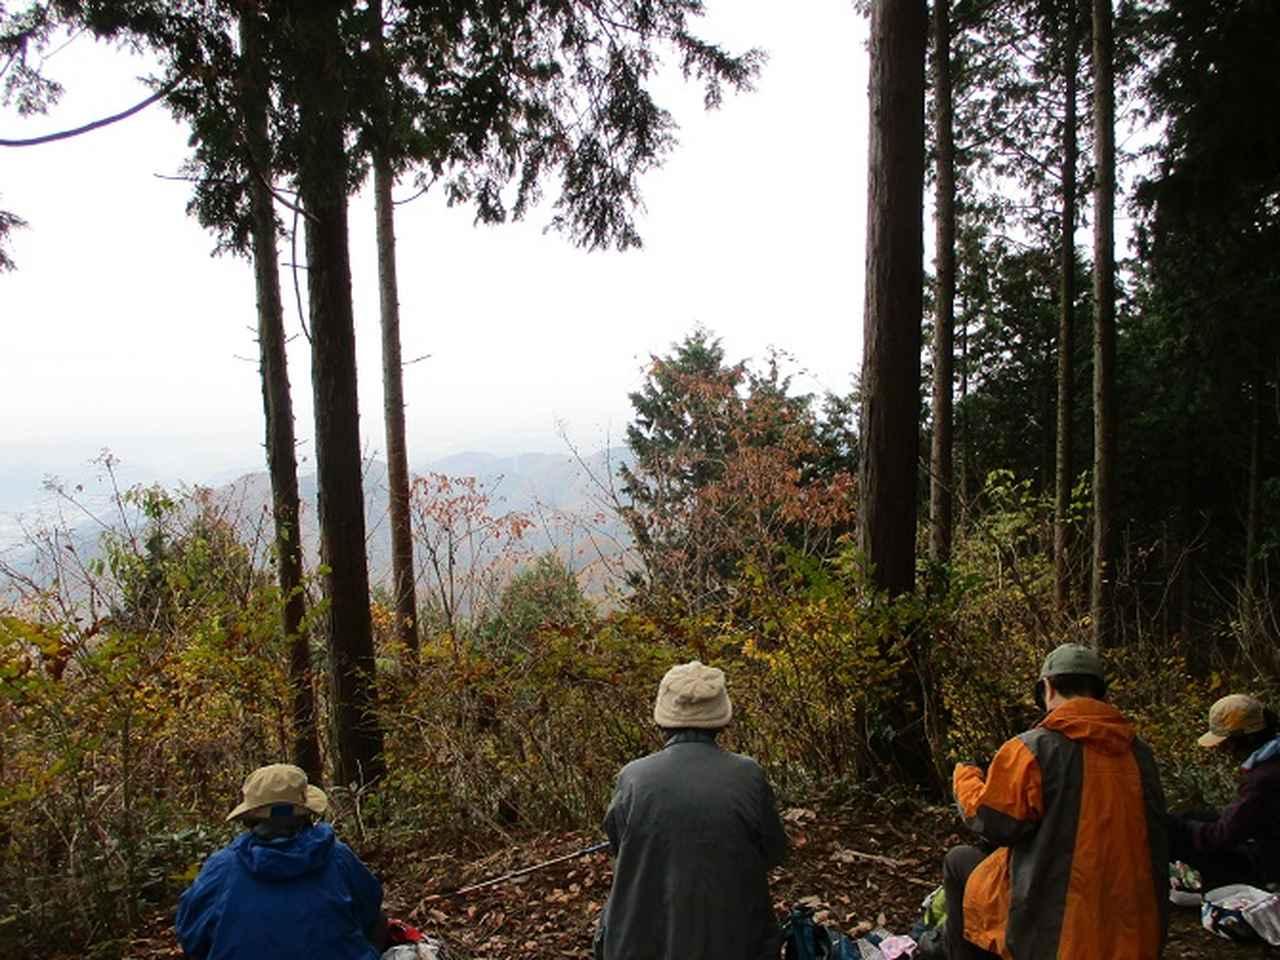 画像7: 11月22日に岡田ガイドの現地集合コースで、 戸倉三山の1つ、 臼杵山 へ行って来ました♪